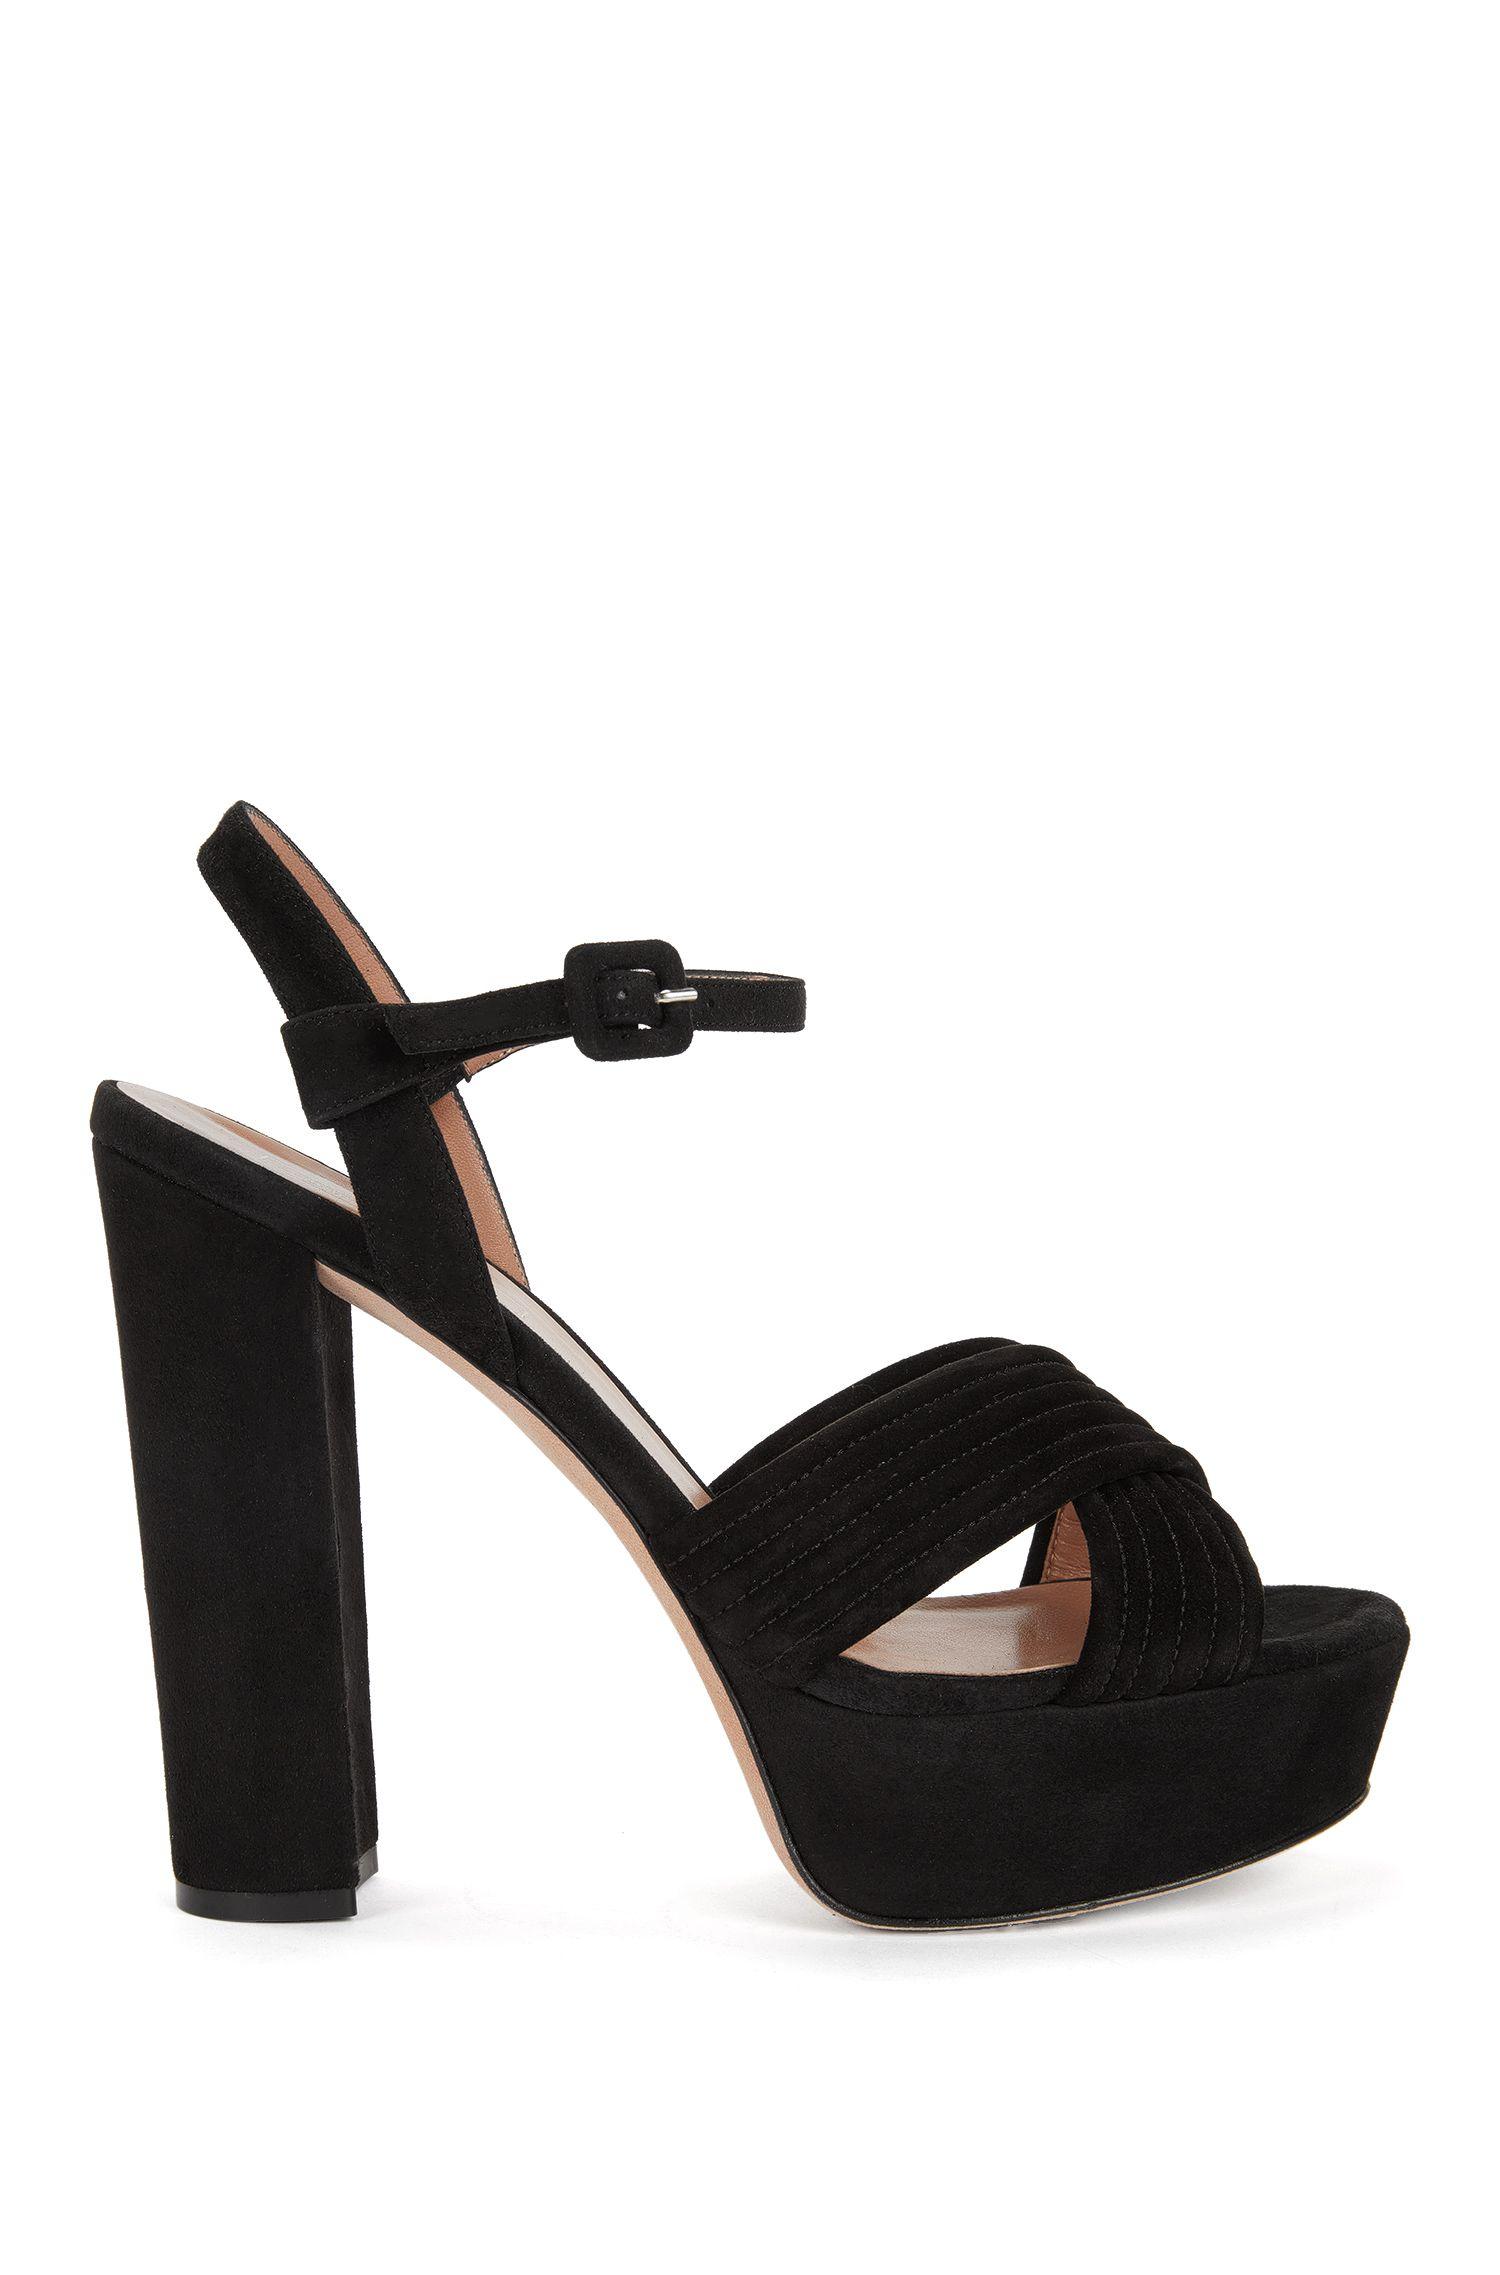 Platform sandals in Italian suede